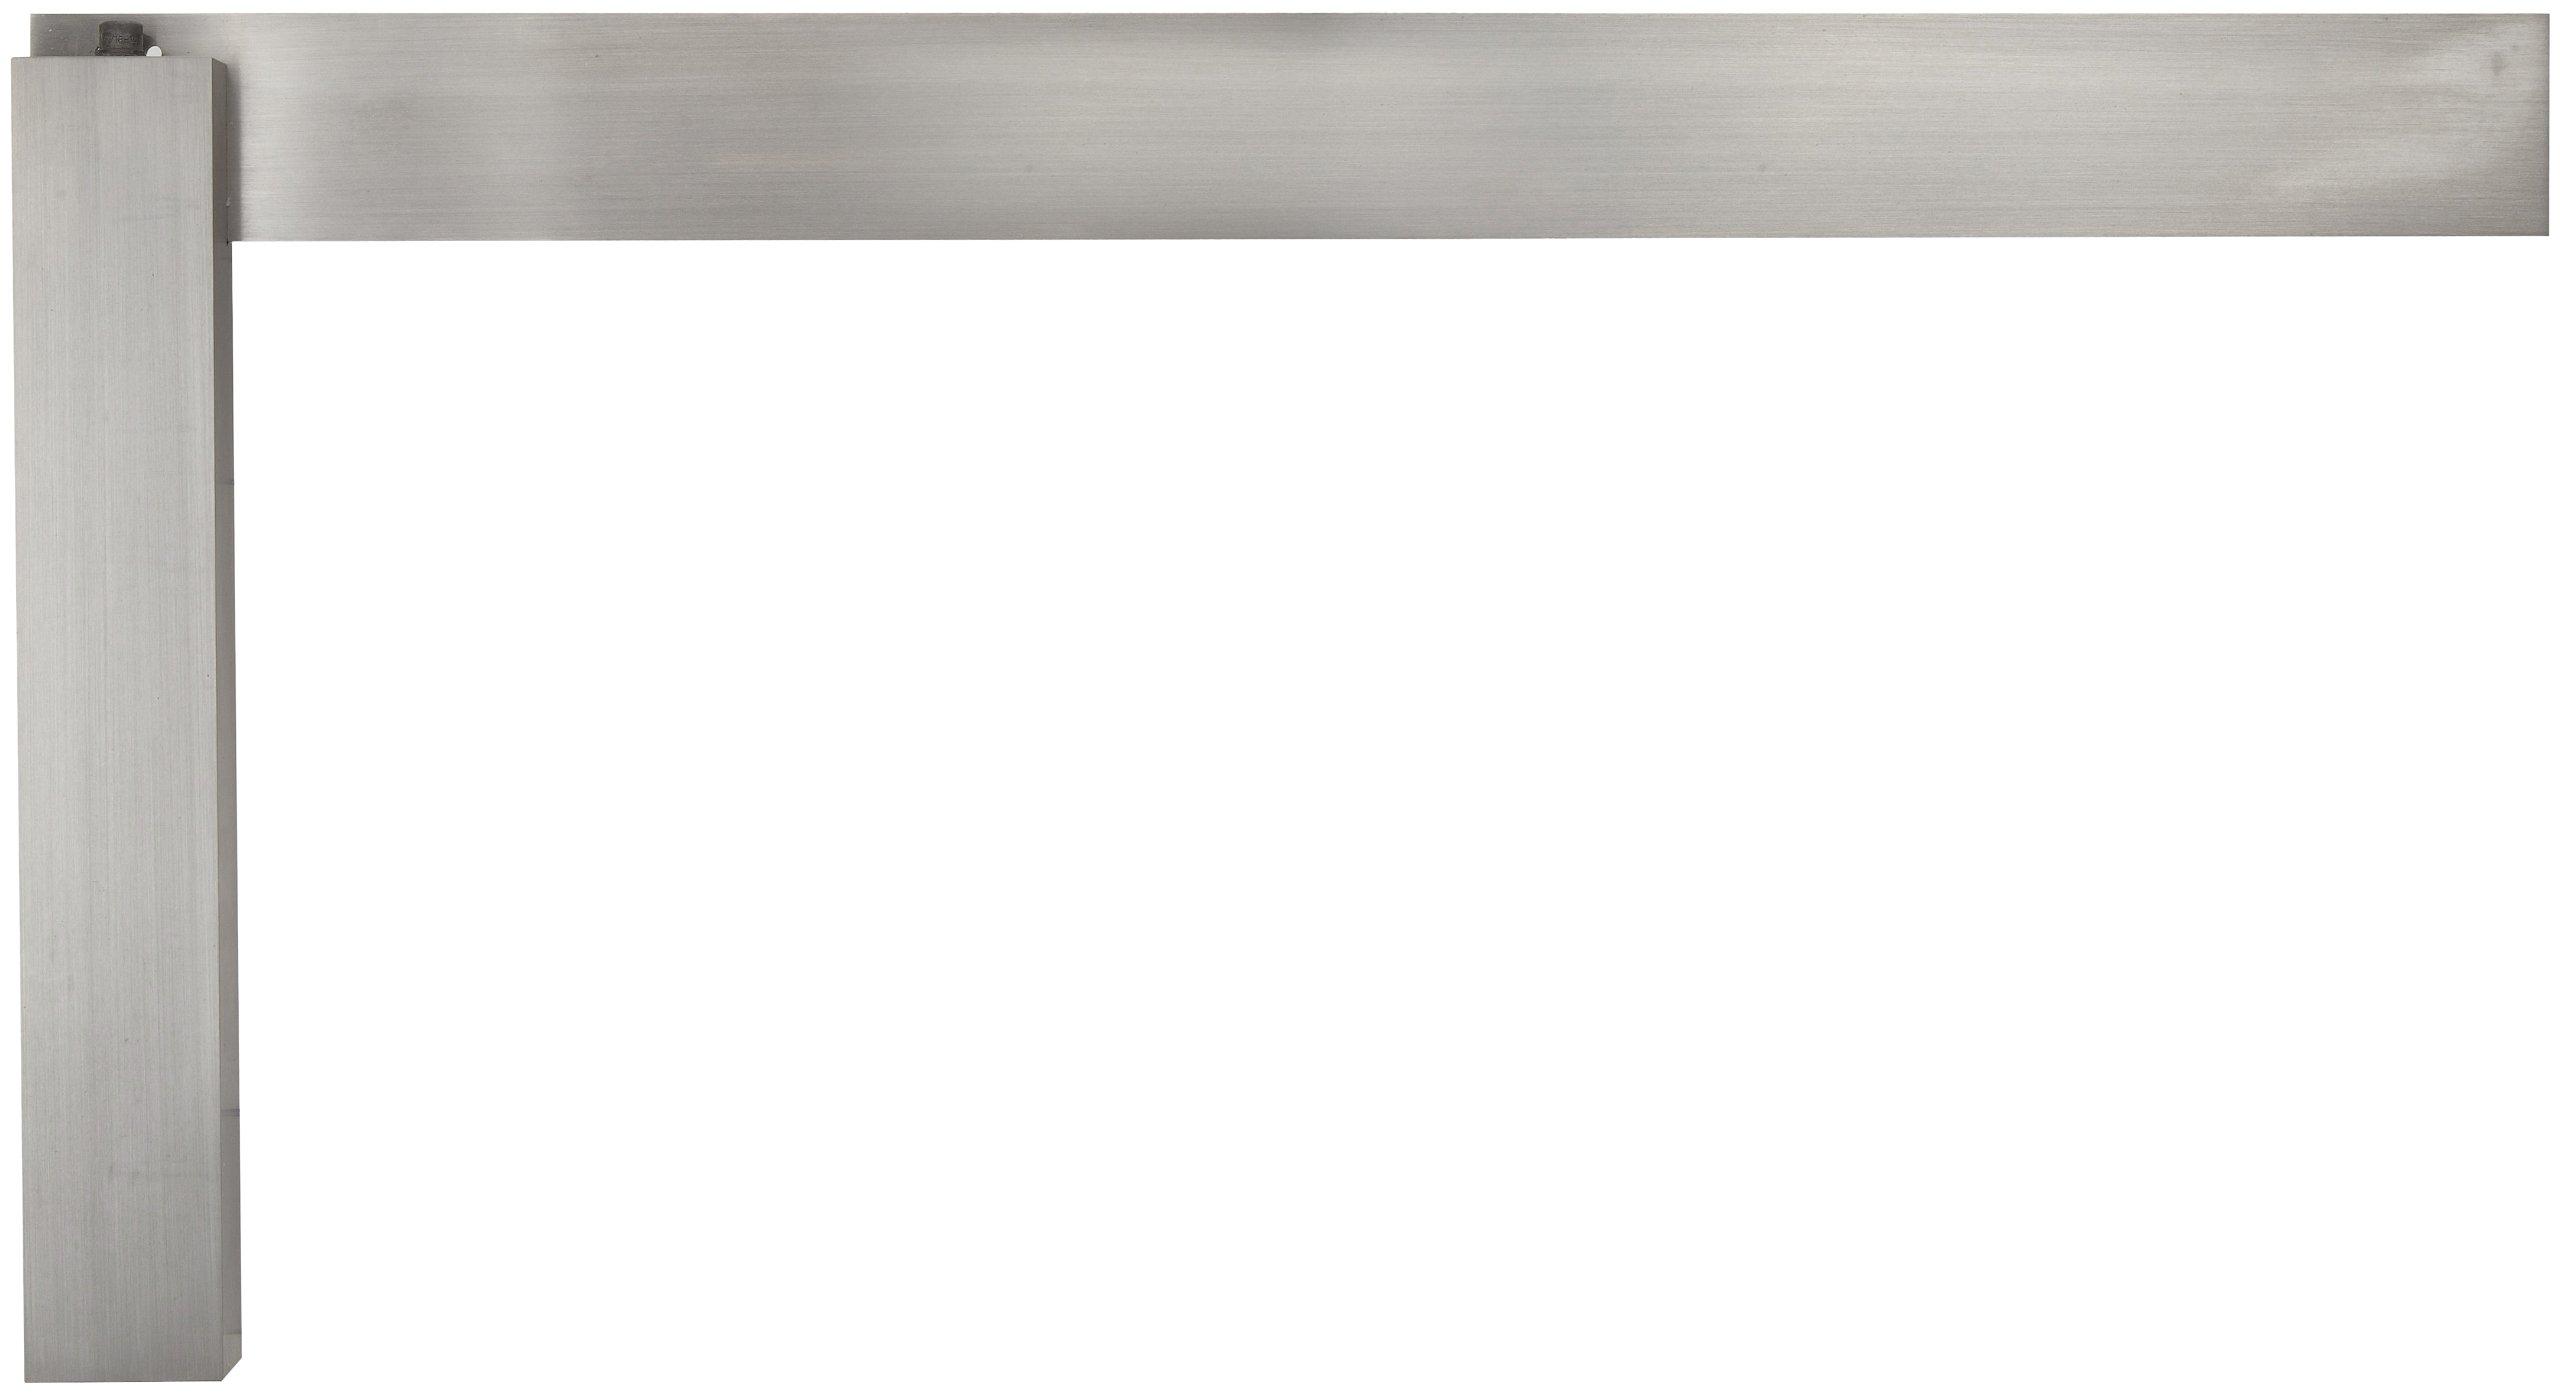 Starrett 20-36 Hardened Steel Master Precision Square, 20'' Beam Length, 24'' Blade Length